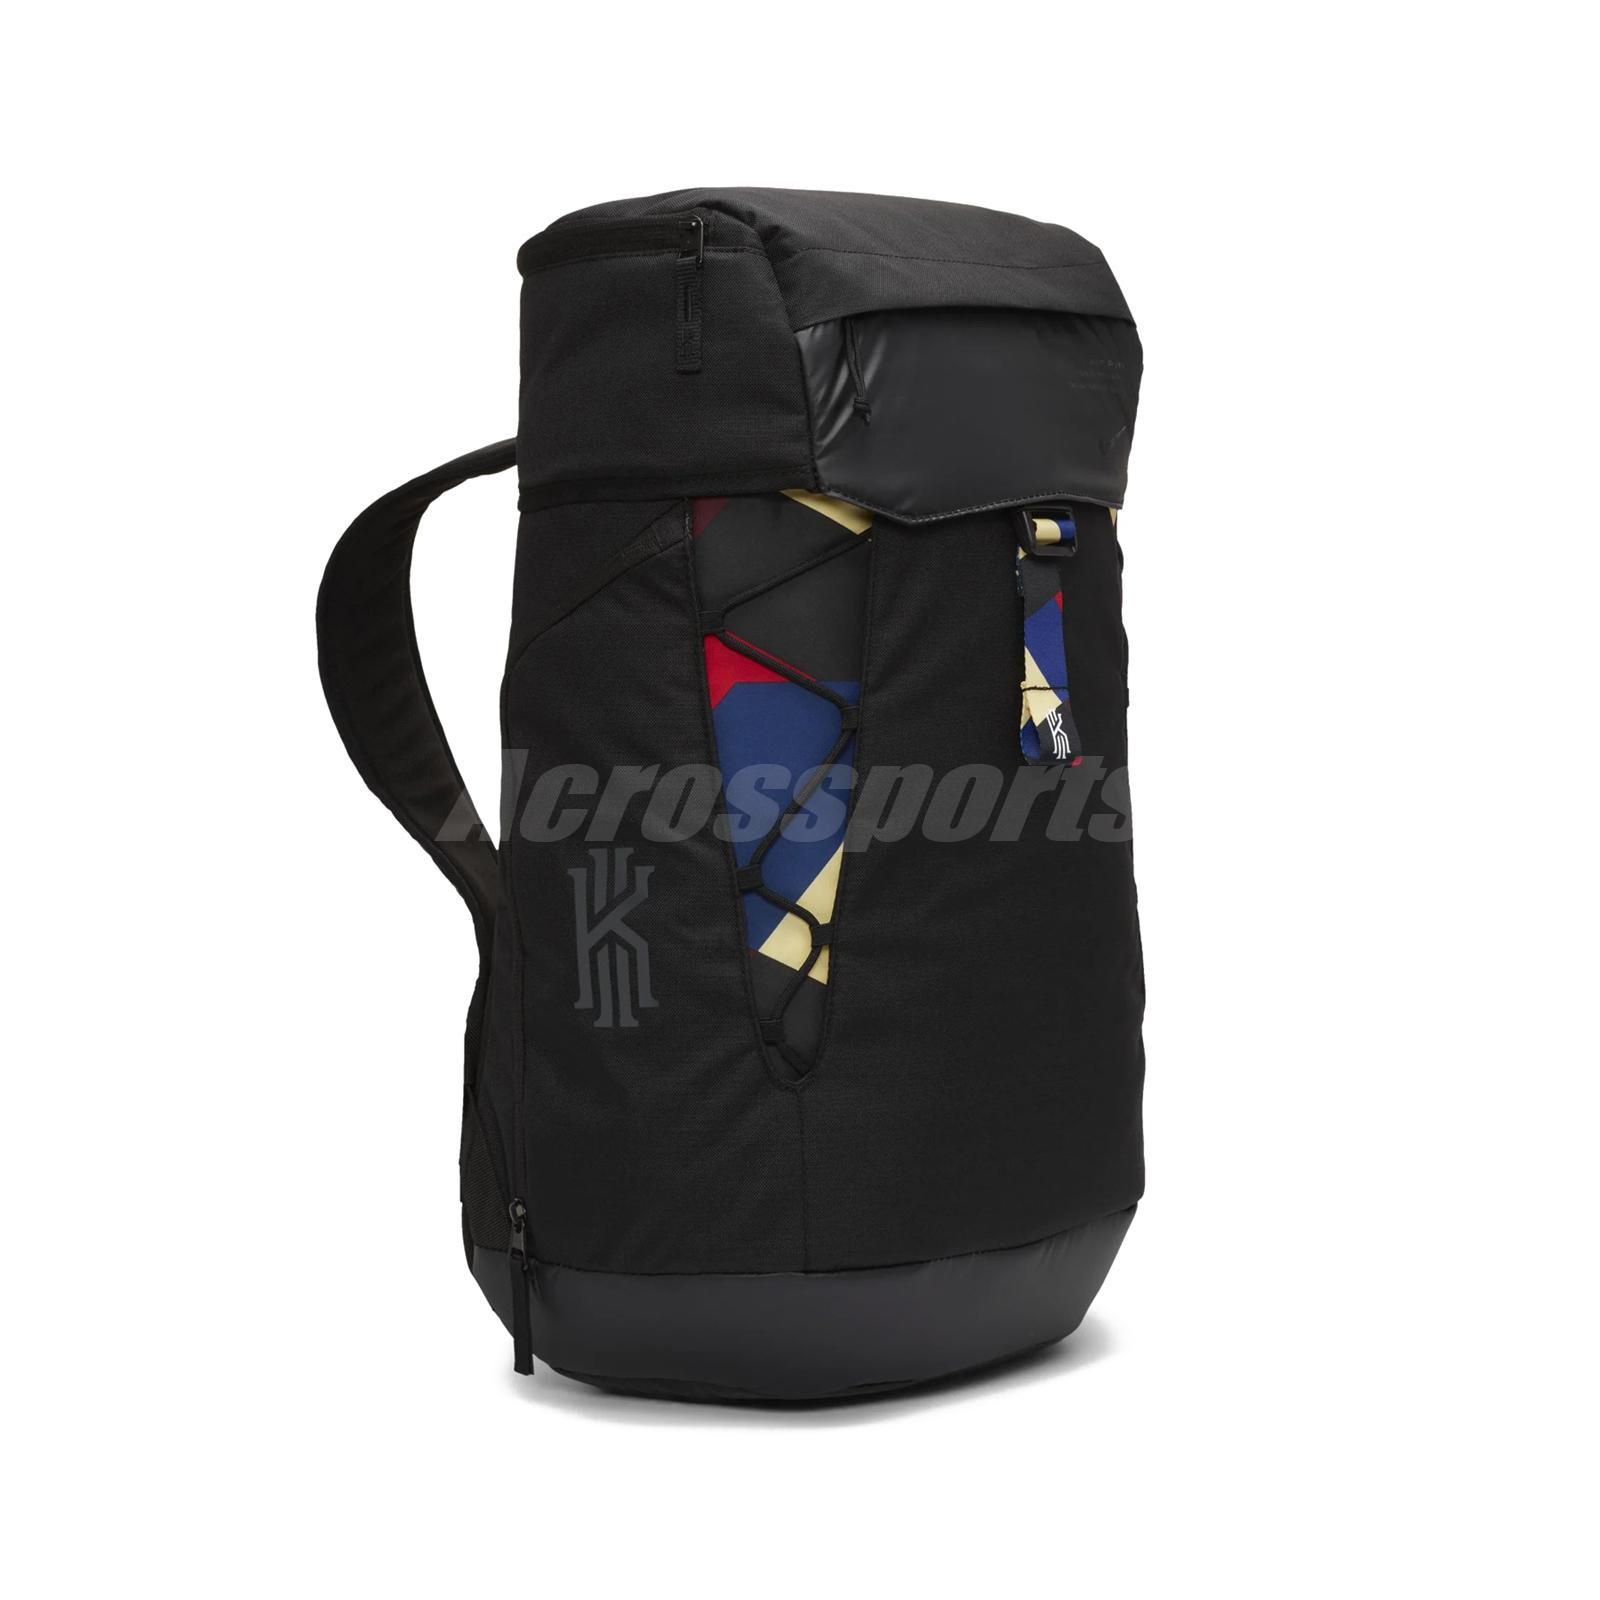 Imitación difícil guerra  Mochila Nike Kyrie Ki Tio Drew Irving Basquete Treino Saco Preto BA6156-010  | eBay